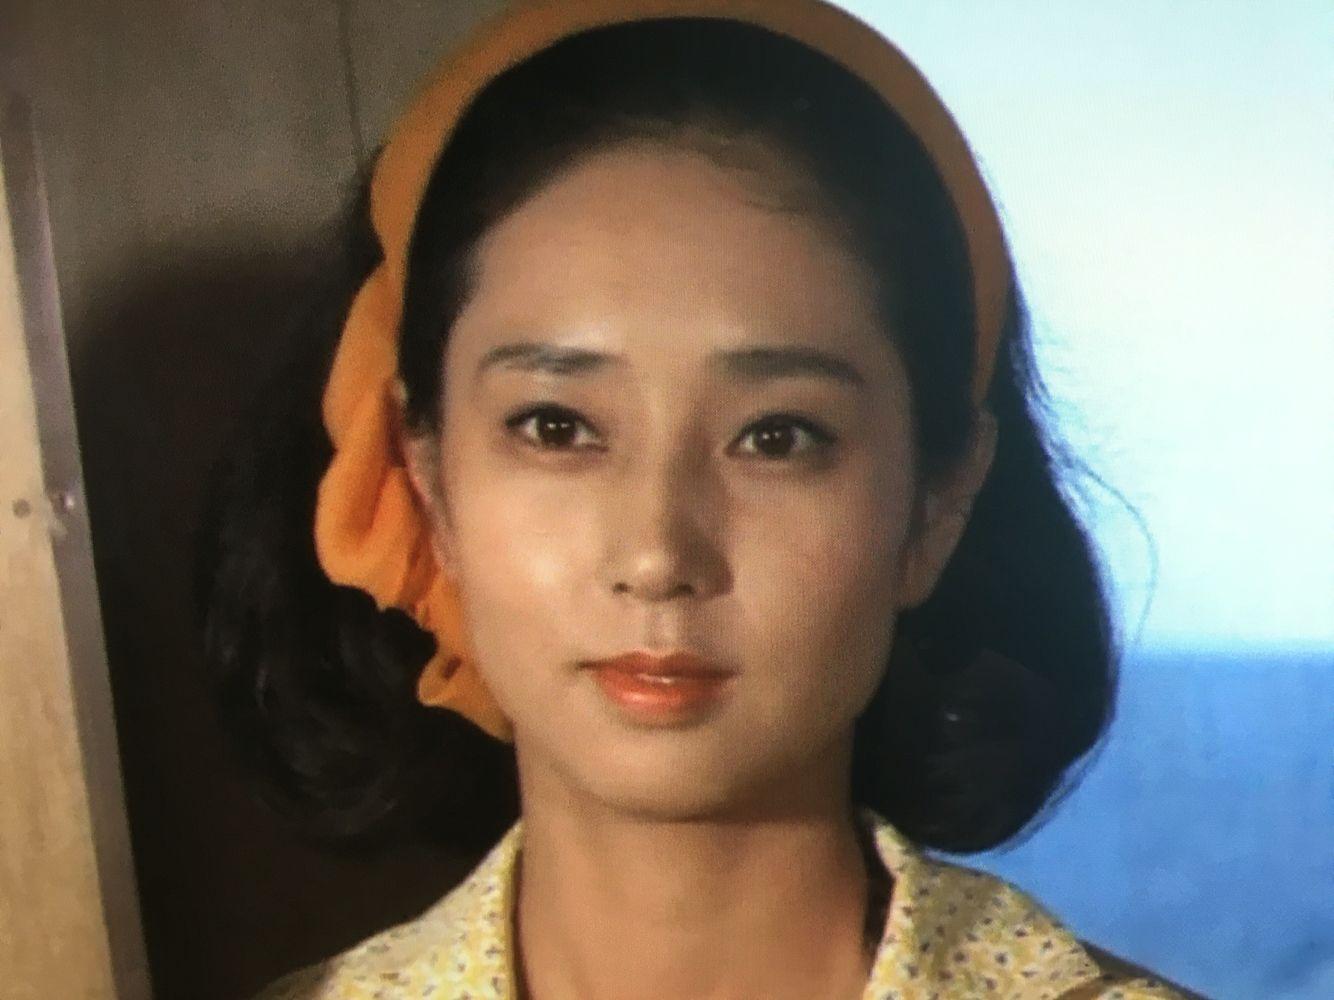 Yoko minamino nanno singles dating